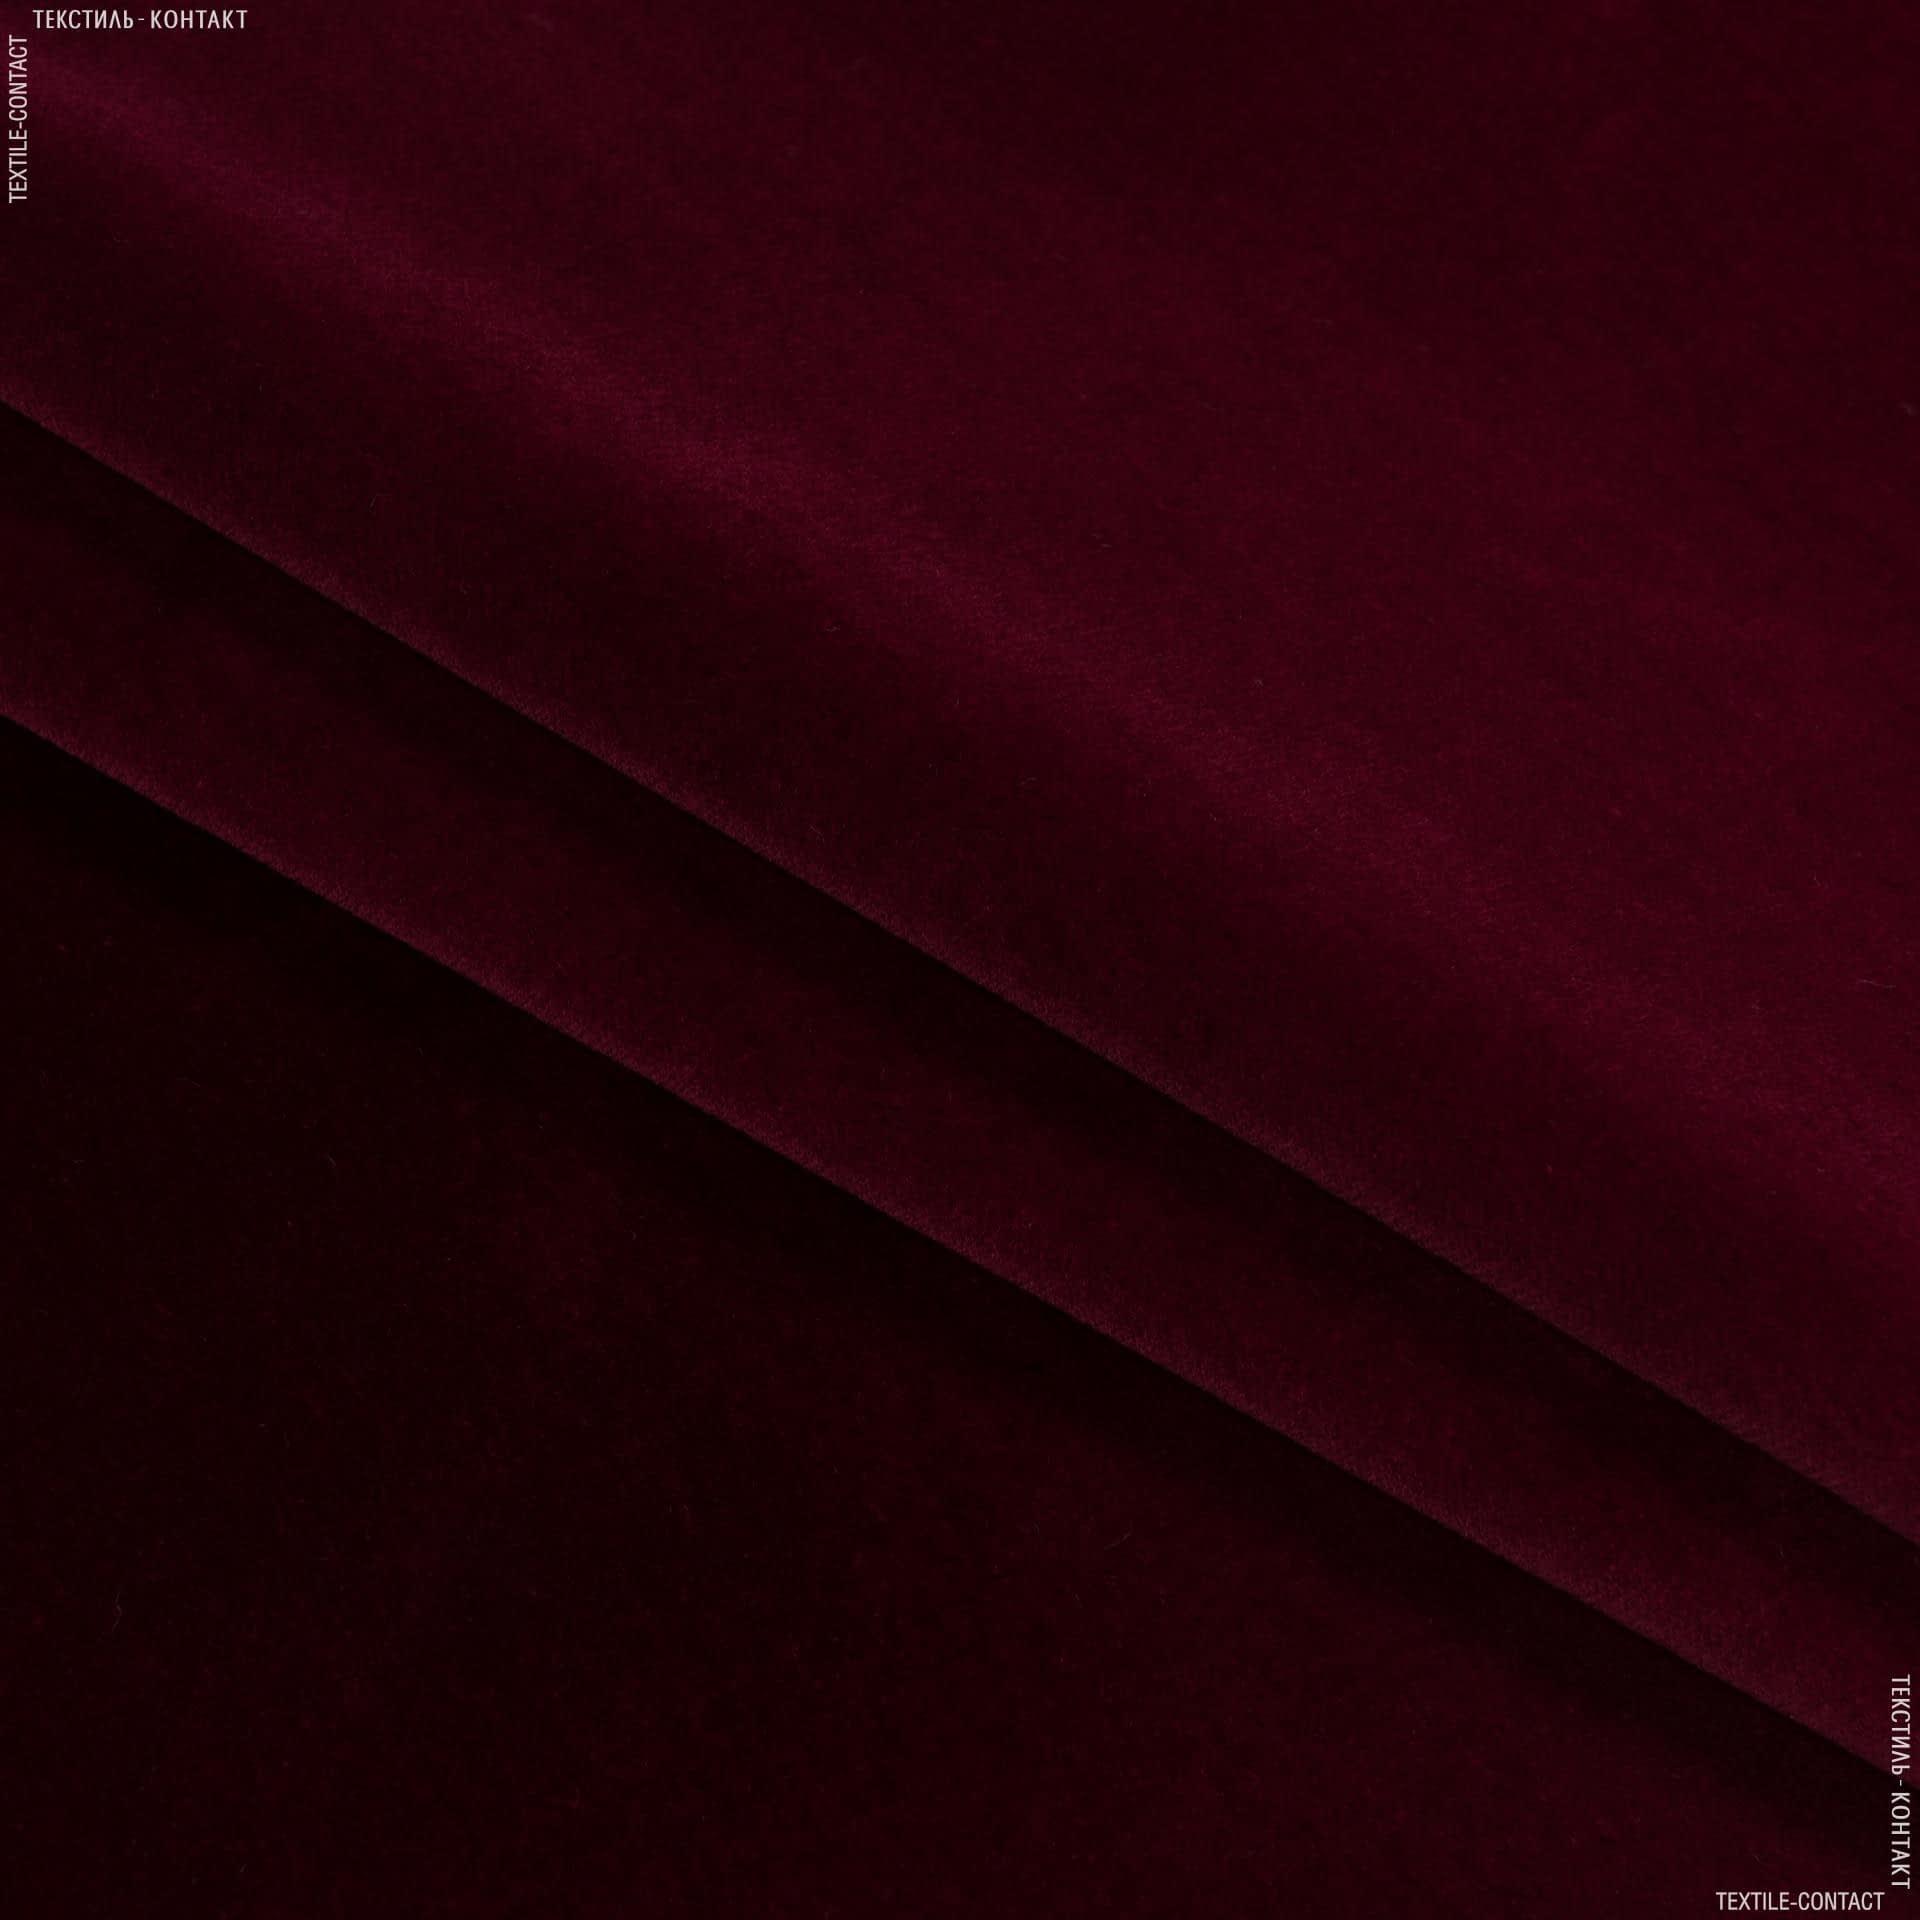 Тканини для меблів - Велюр гласгов/ glasgow бургунді